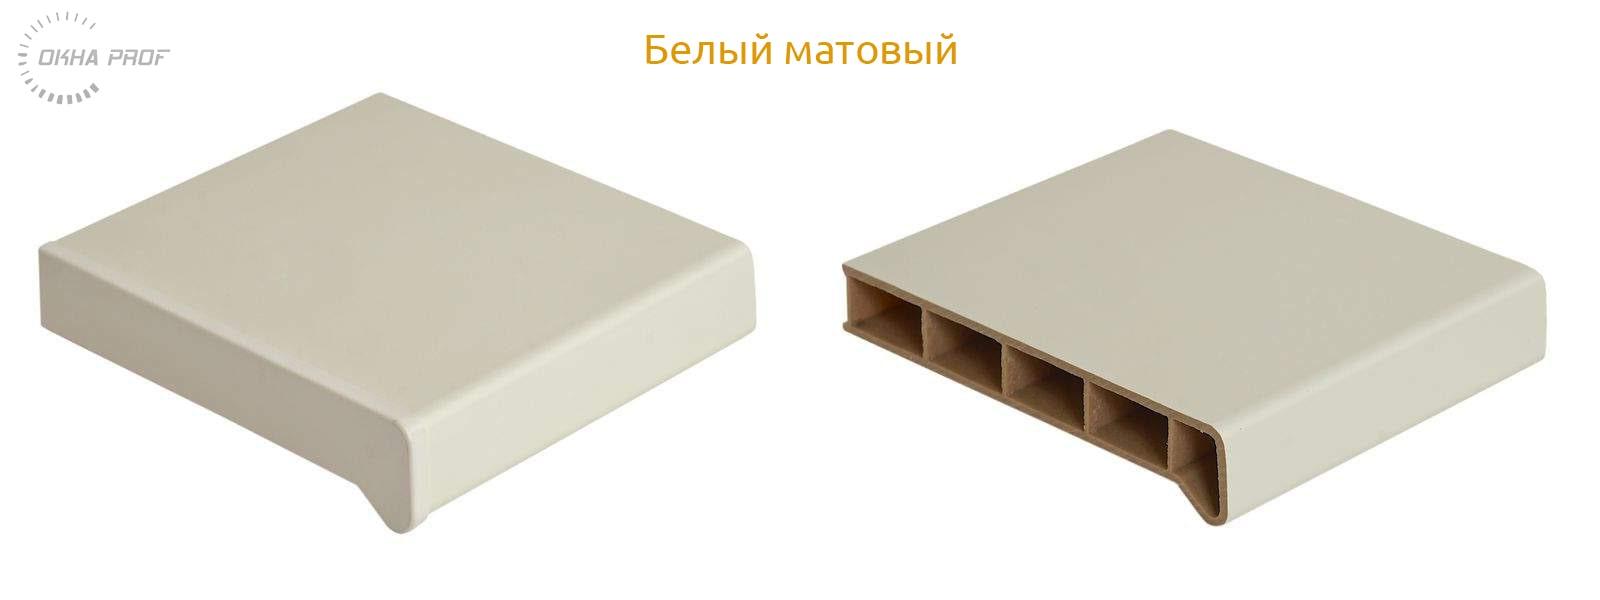 podokonnik-decor-donetsk-oknaprof-moeller-003